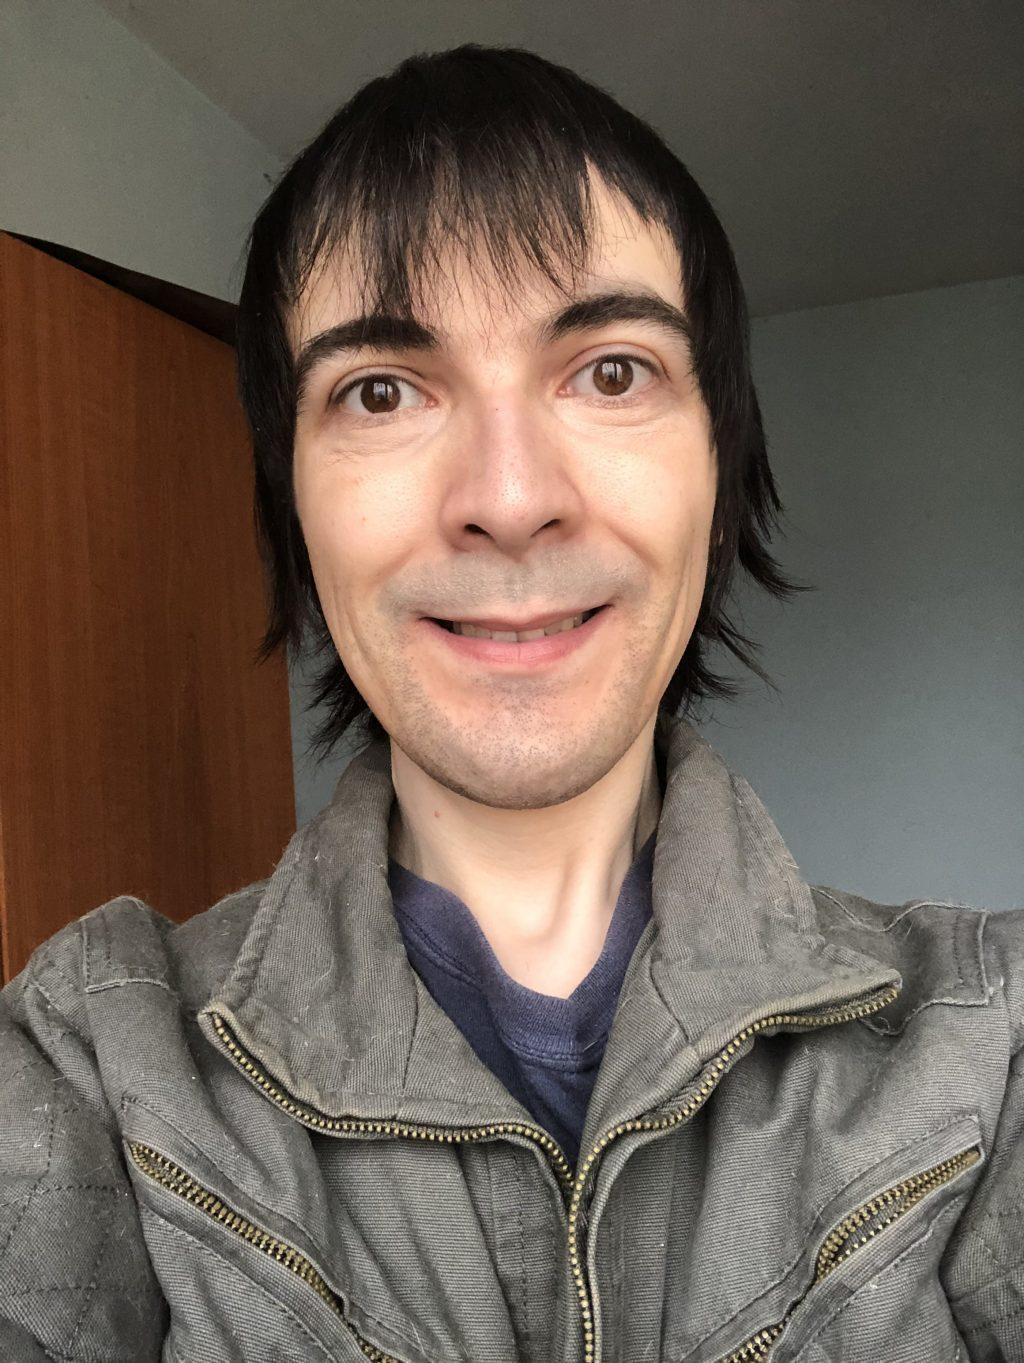 photoshopped selfie